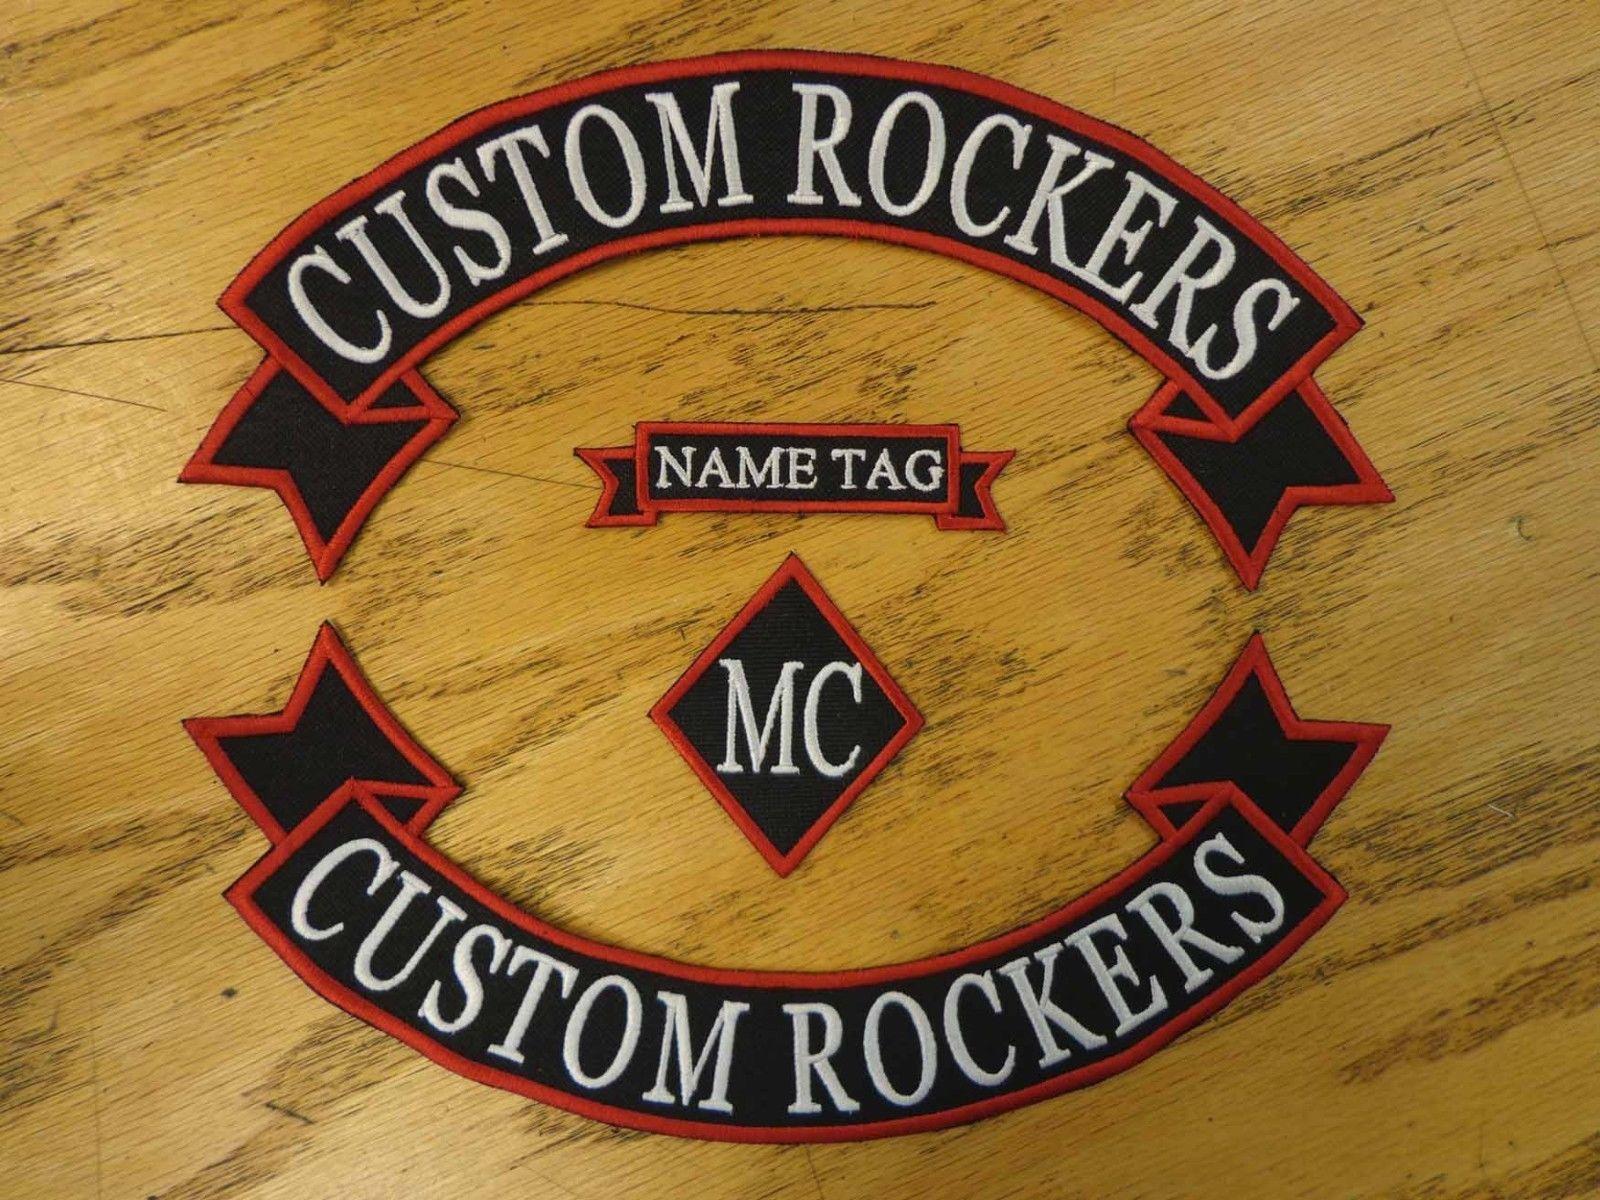 عرف الروك مطرز الشريط ، اسم MC مجموعة تصحيح الصدرية الخارج عن القانون السائق نادي MC خياطة على سترة الظهر أو معطف من الجلد